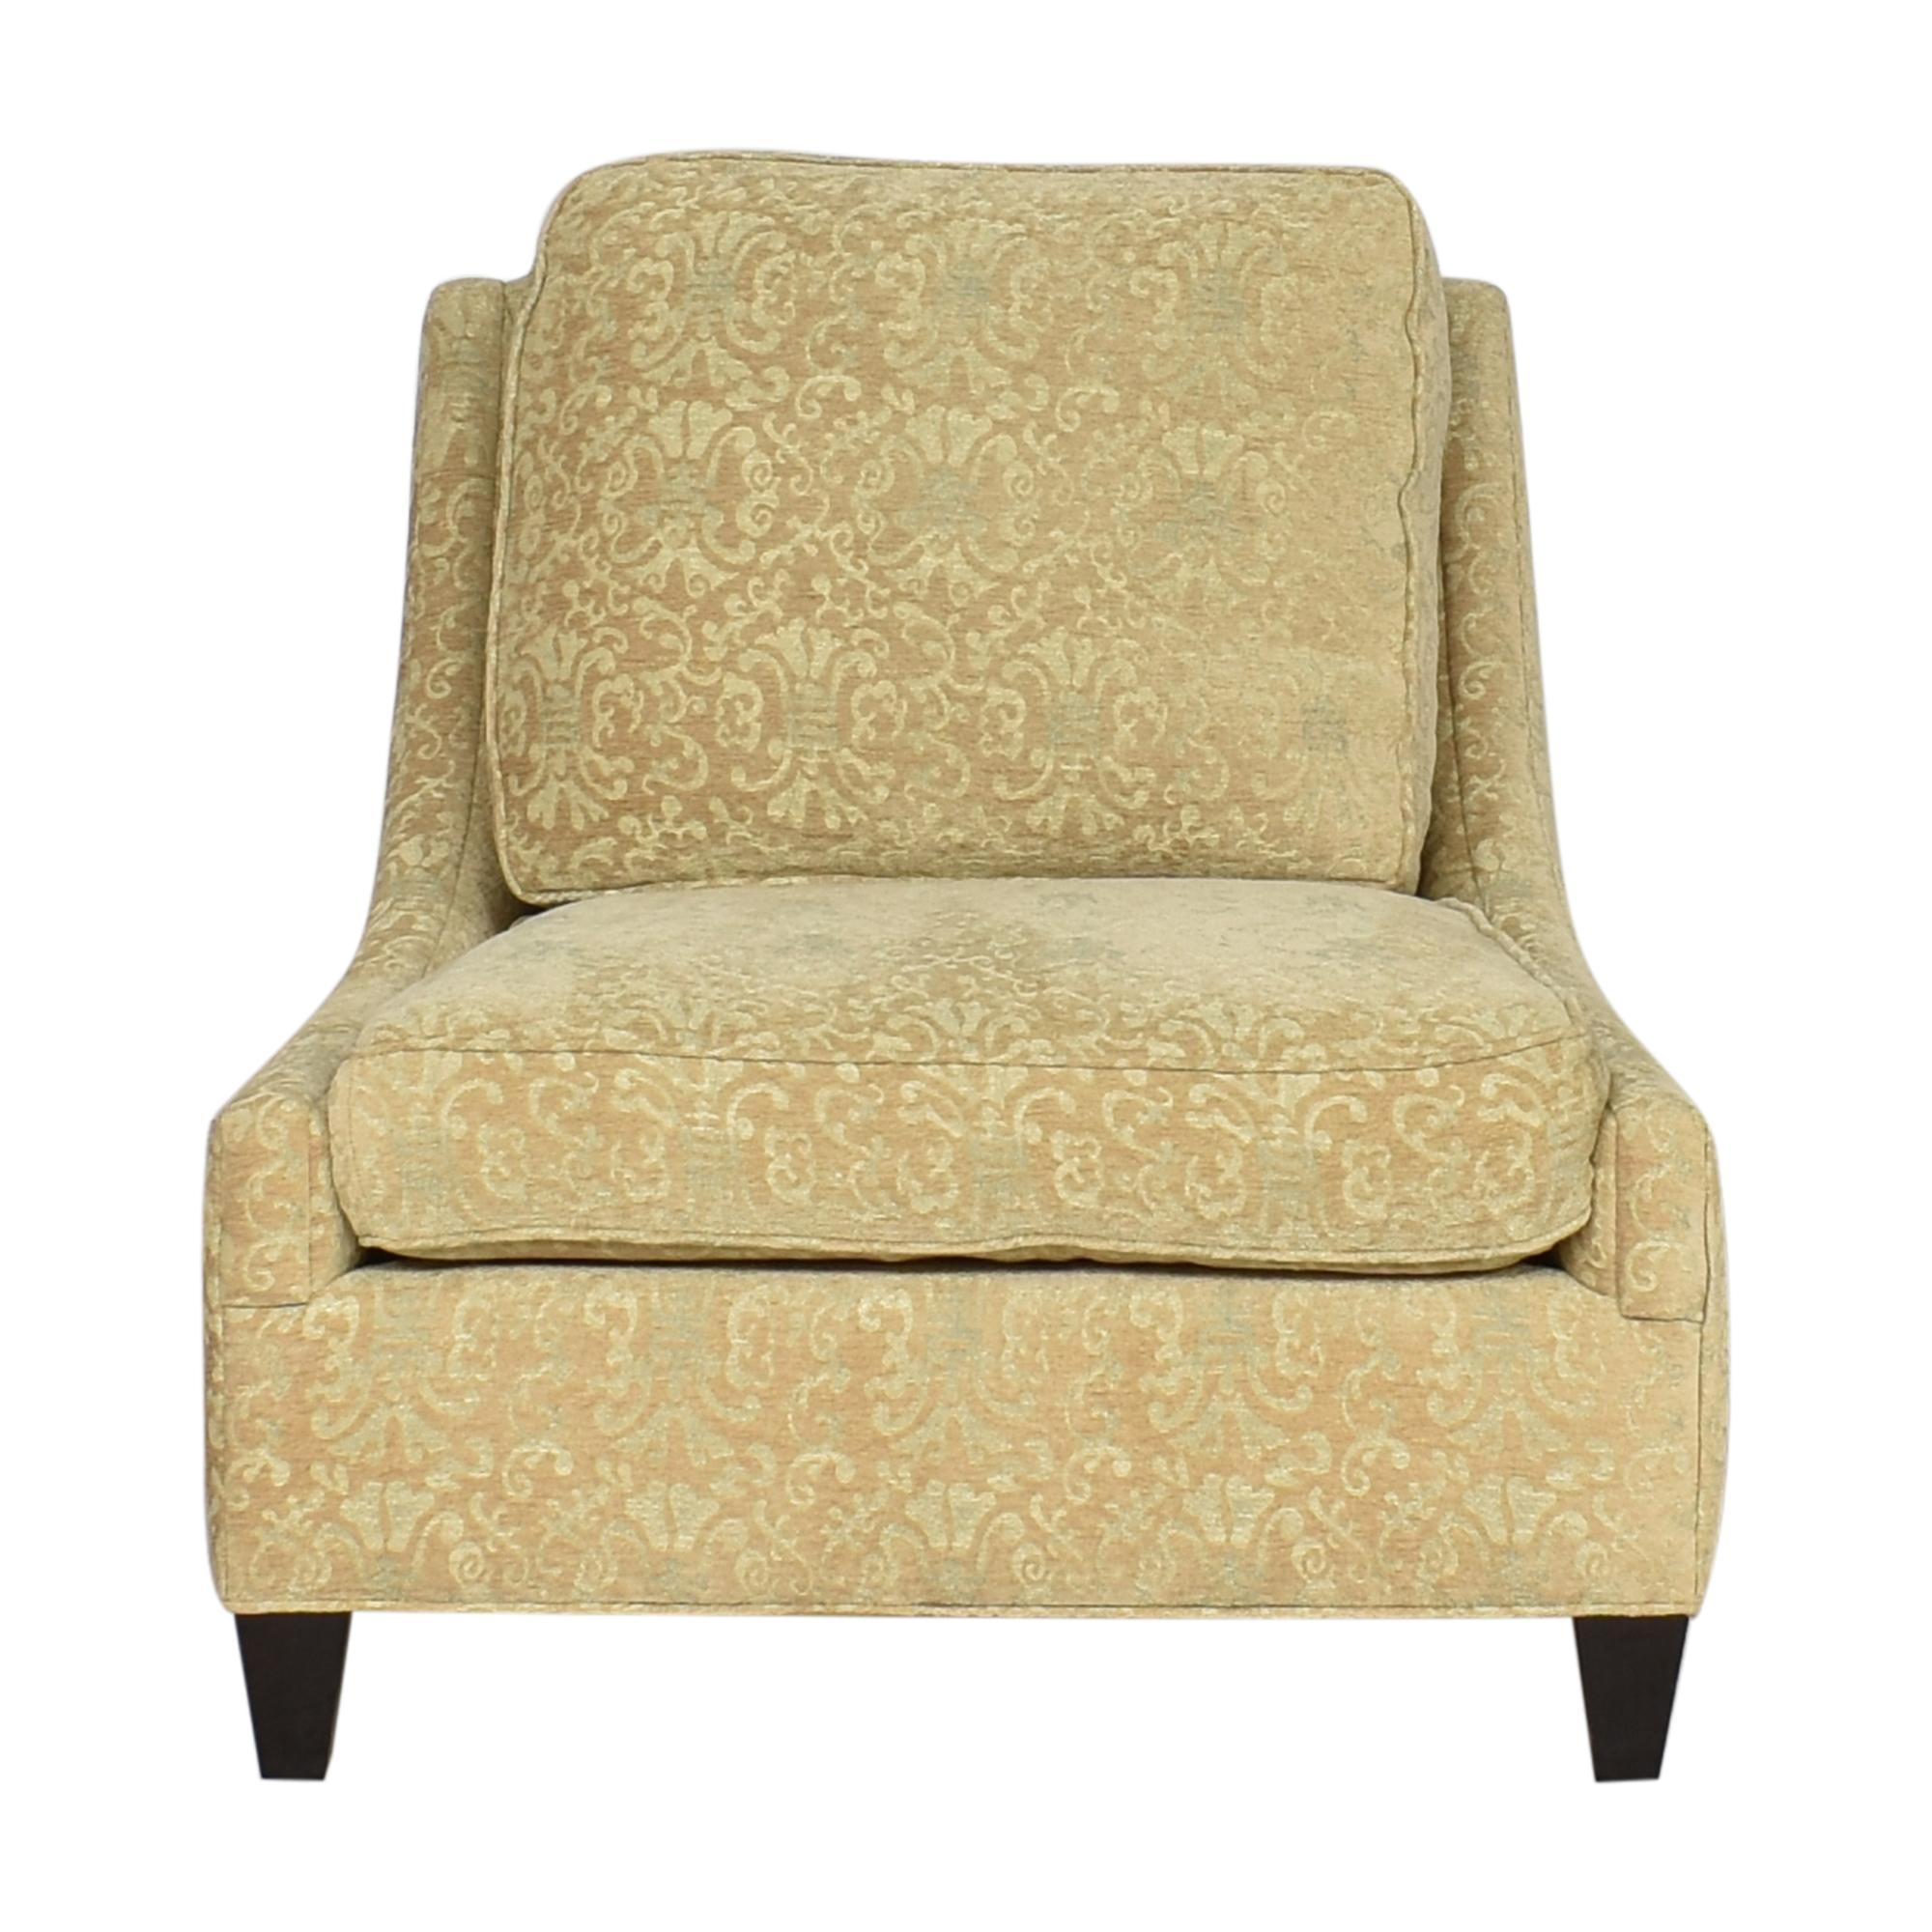 Stewart Furniture Slipper Chair / Chairs